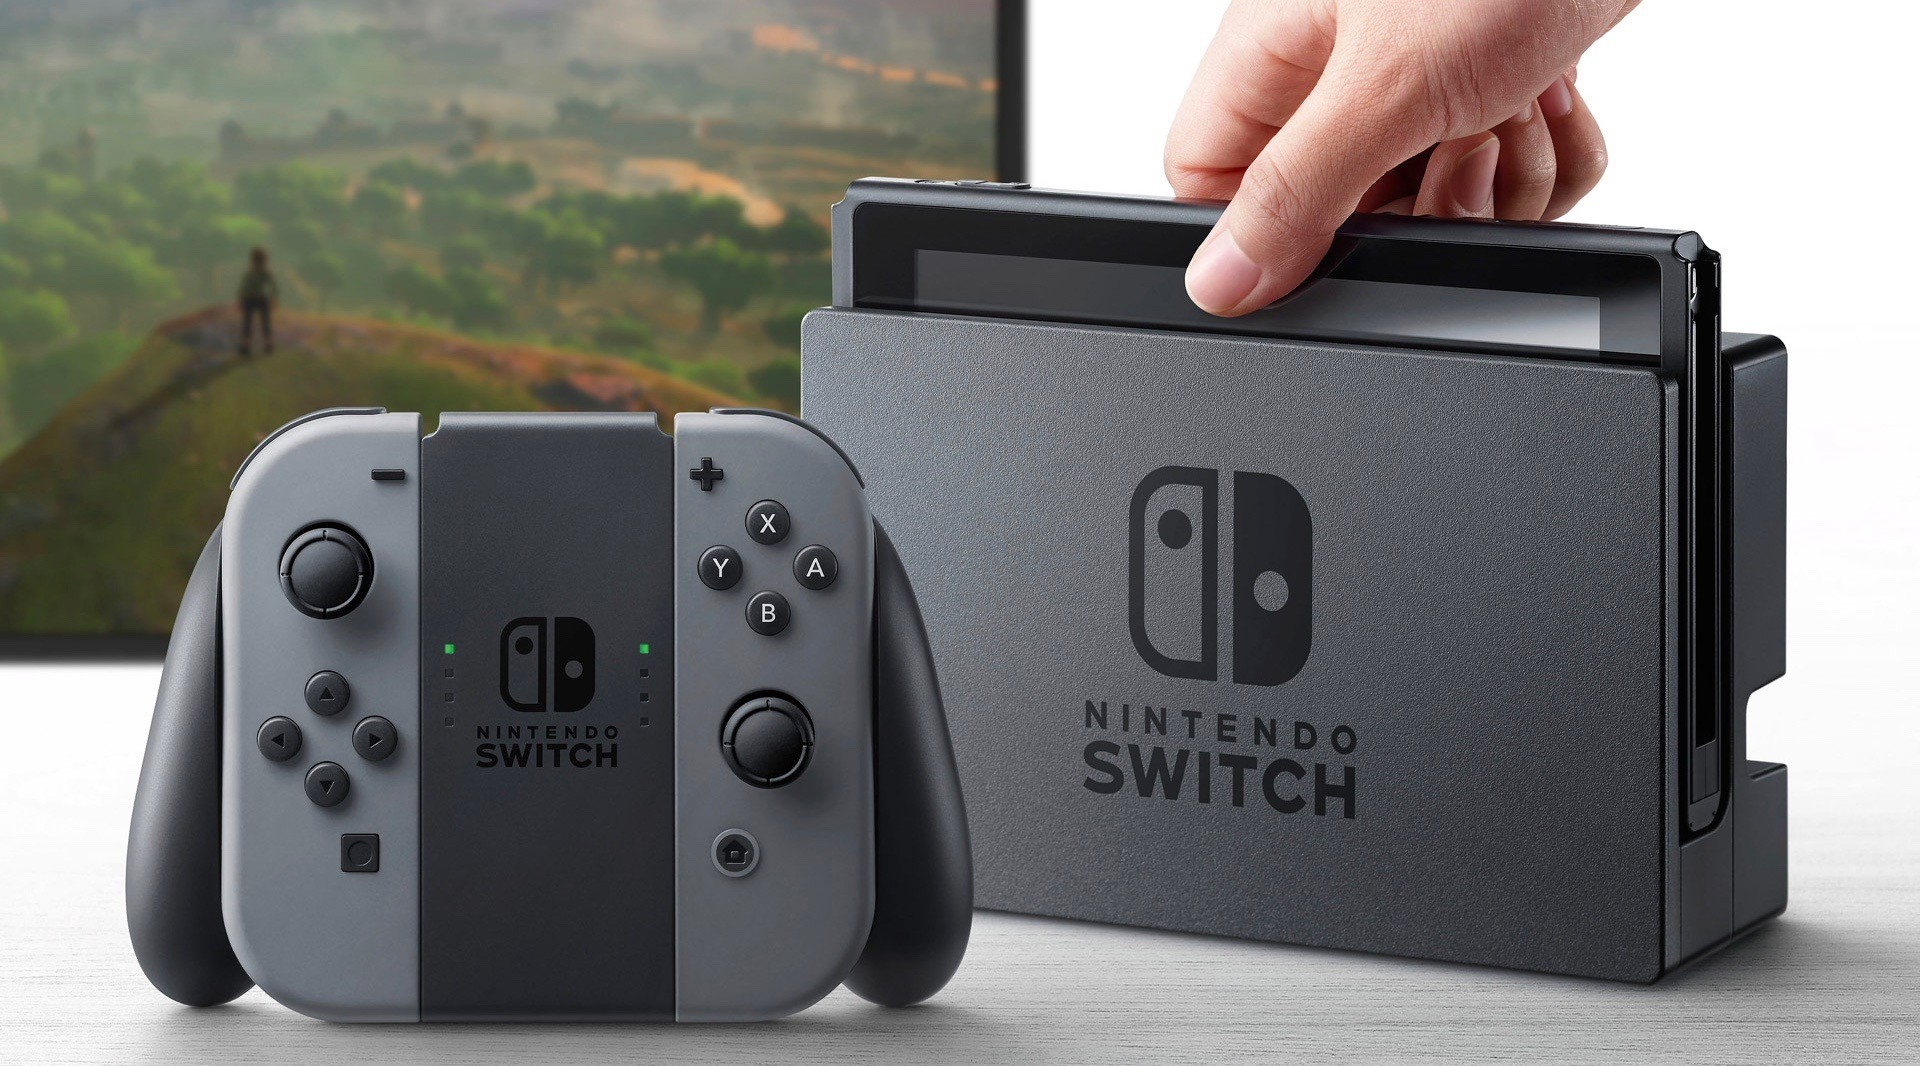 Nintendoswitch hardware.0.0